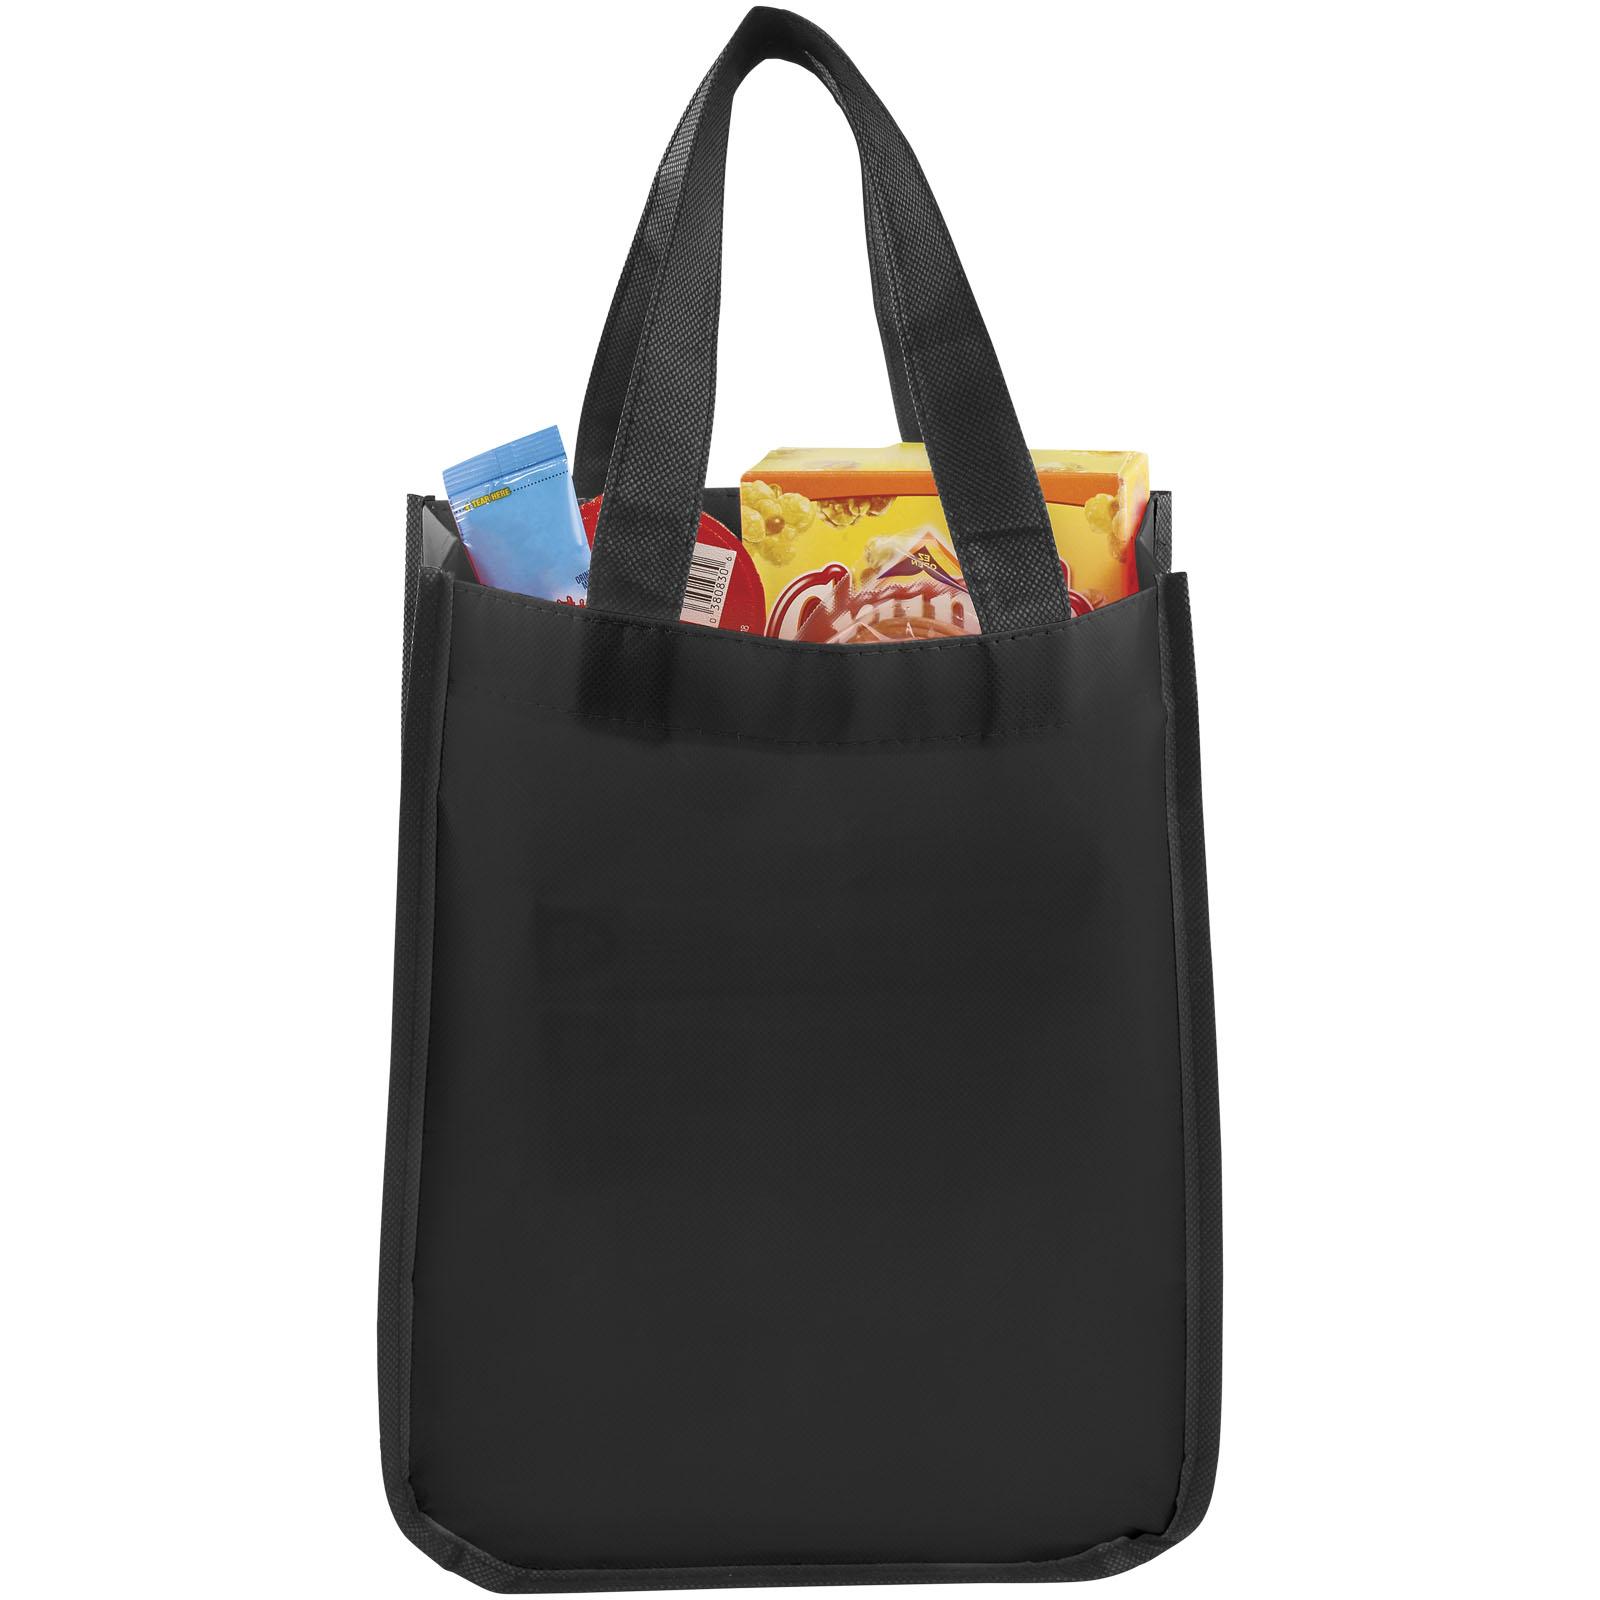 Afbeelding van 100st. Bedrukte Boodschappentas Nonwoven 80 grams bedrukken tassen